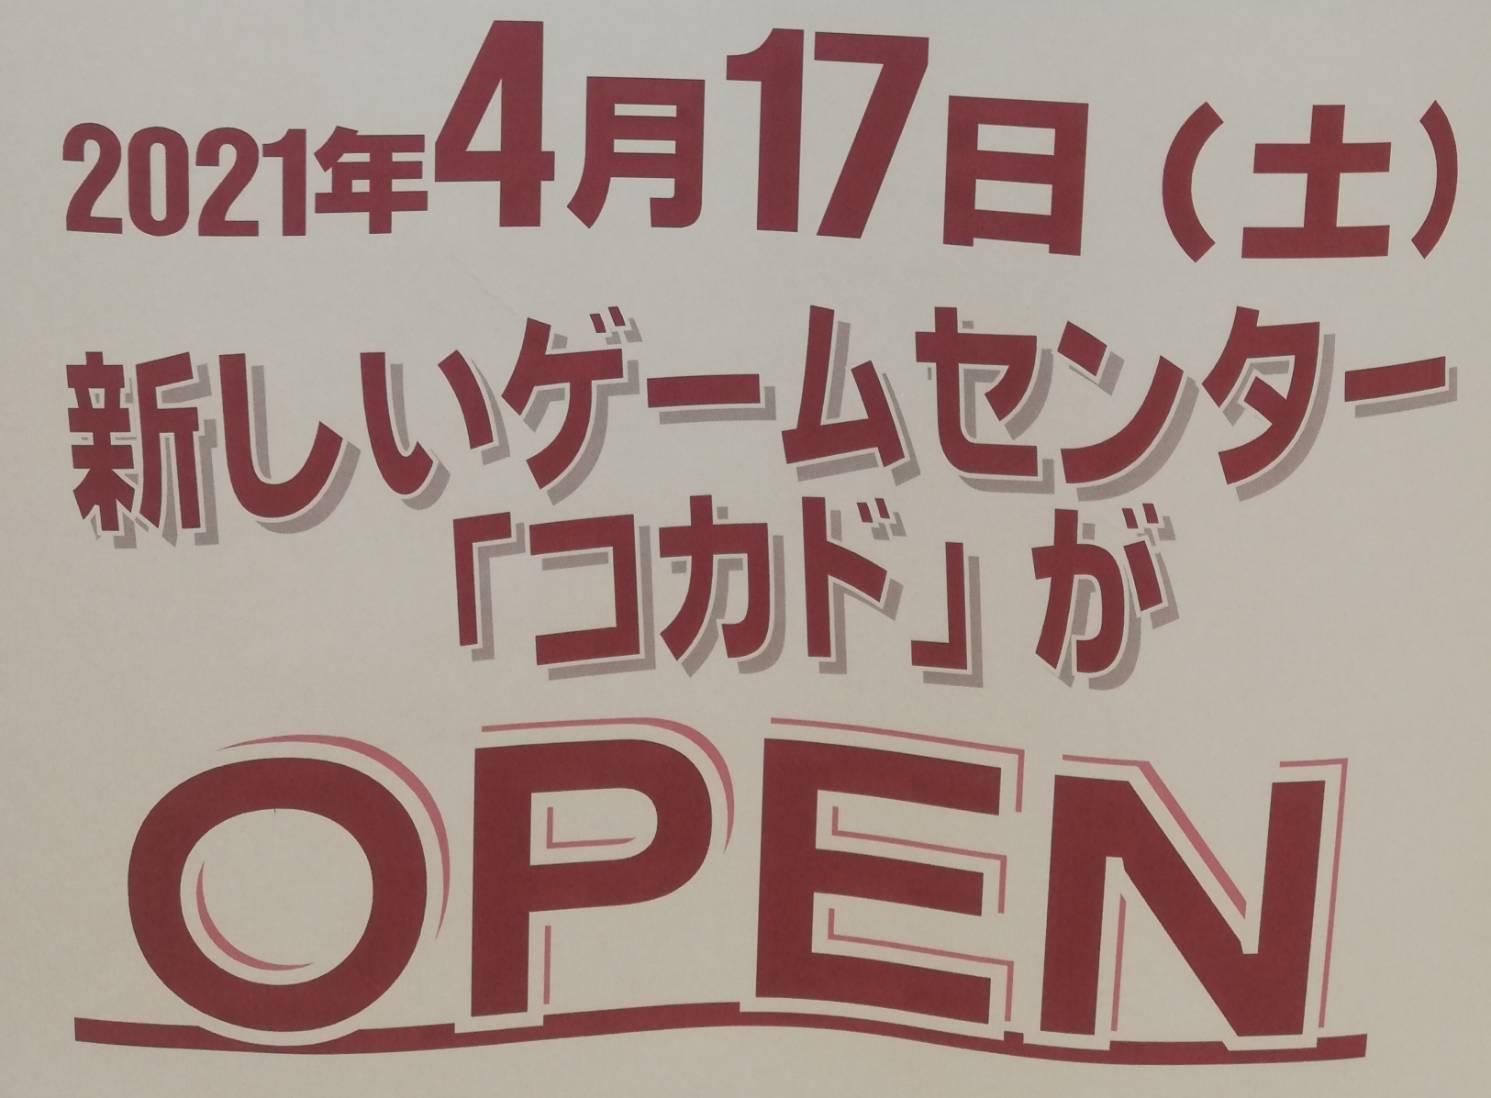 ゲームセンターコカド松戸ダイエー西口オープン